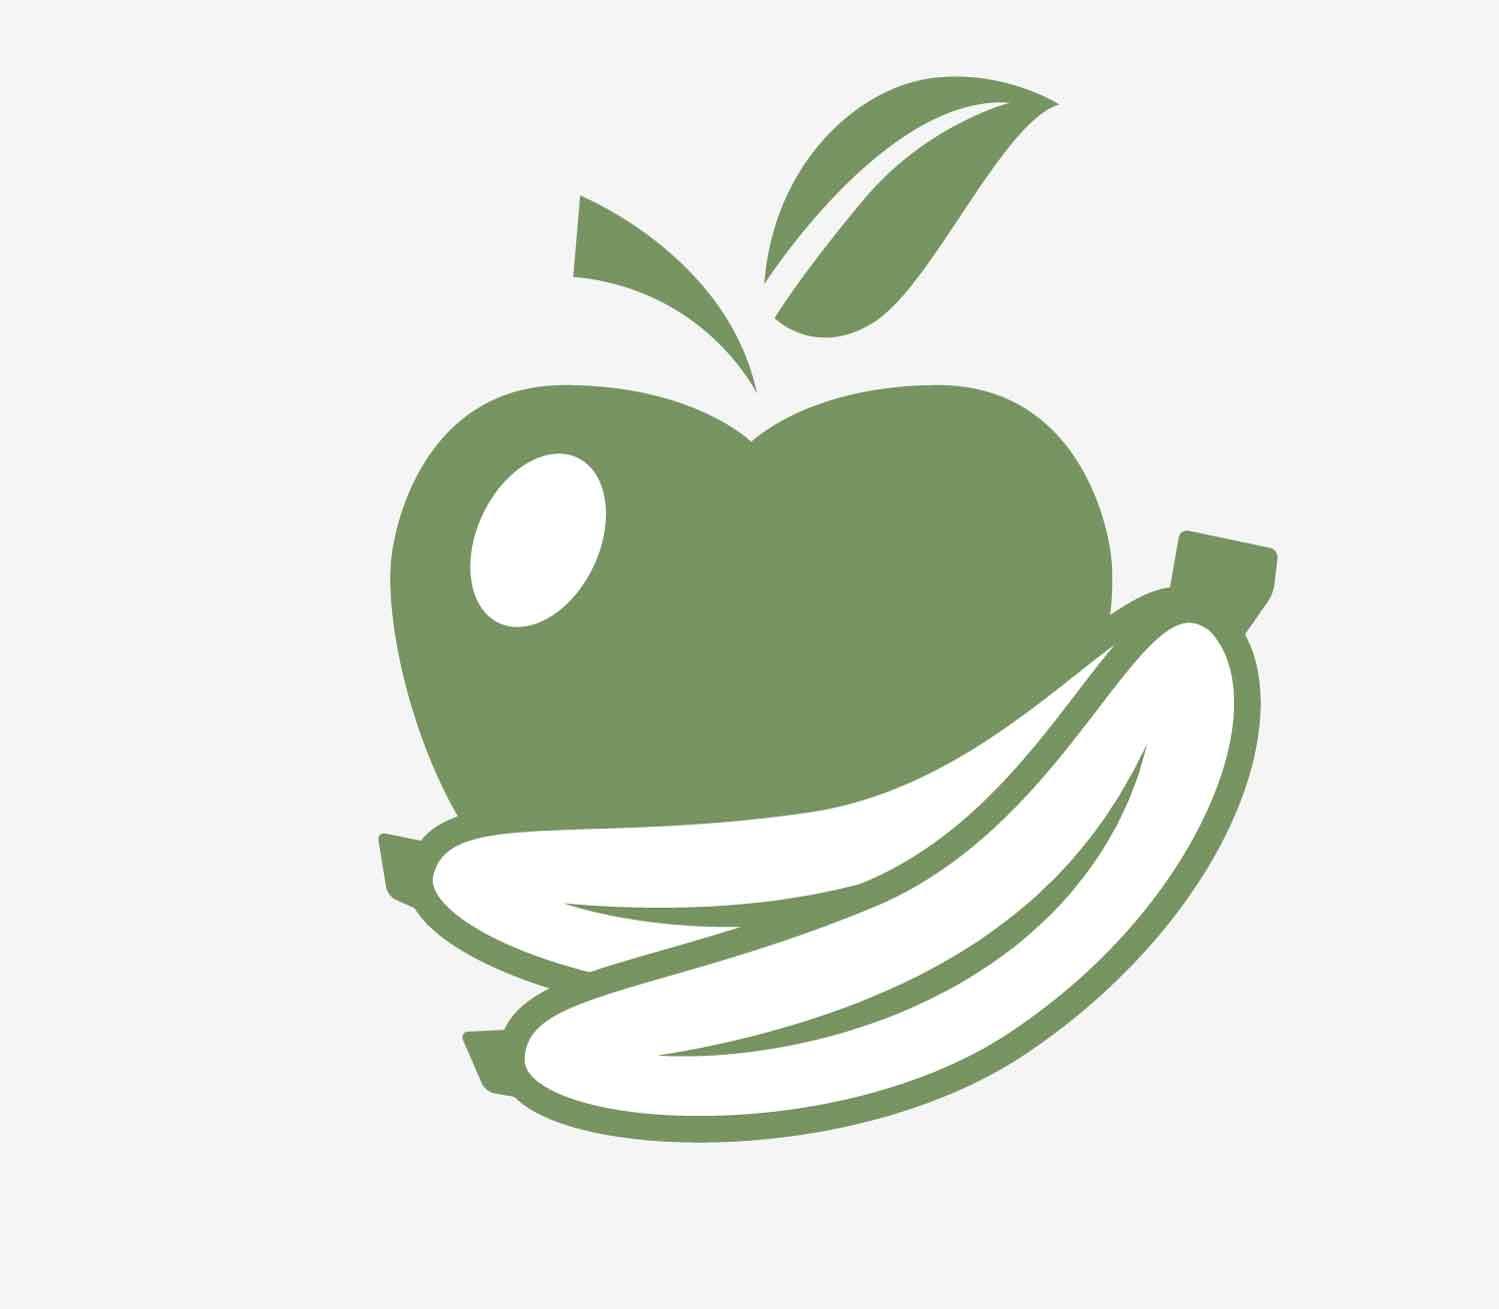 EcoAllure_VegetableSaver.jpg